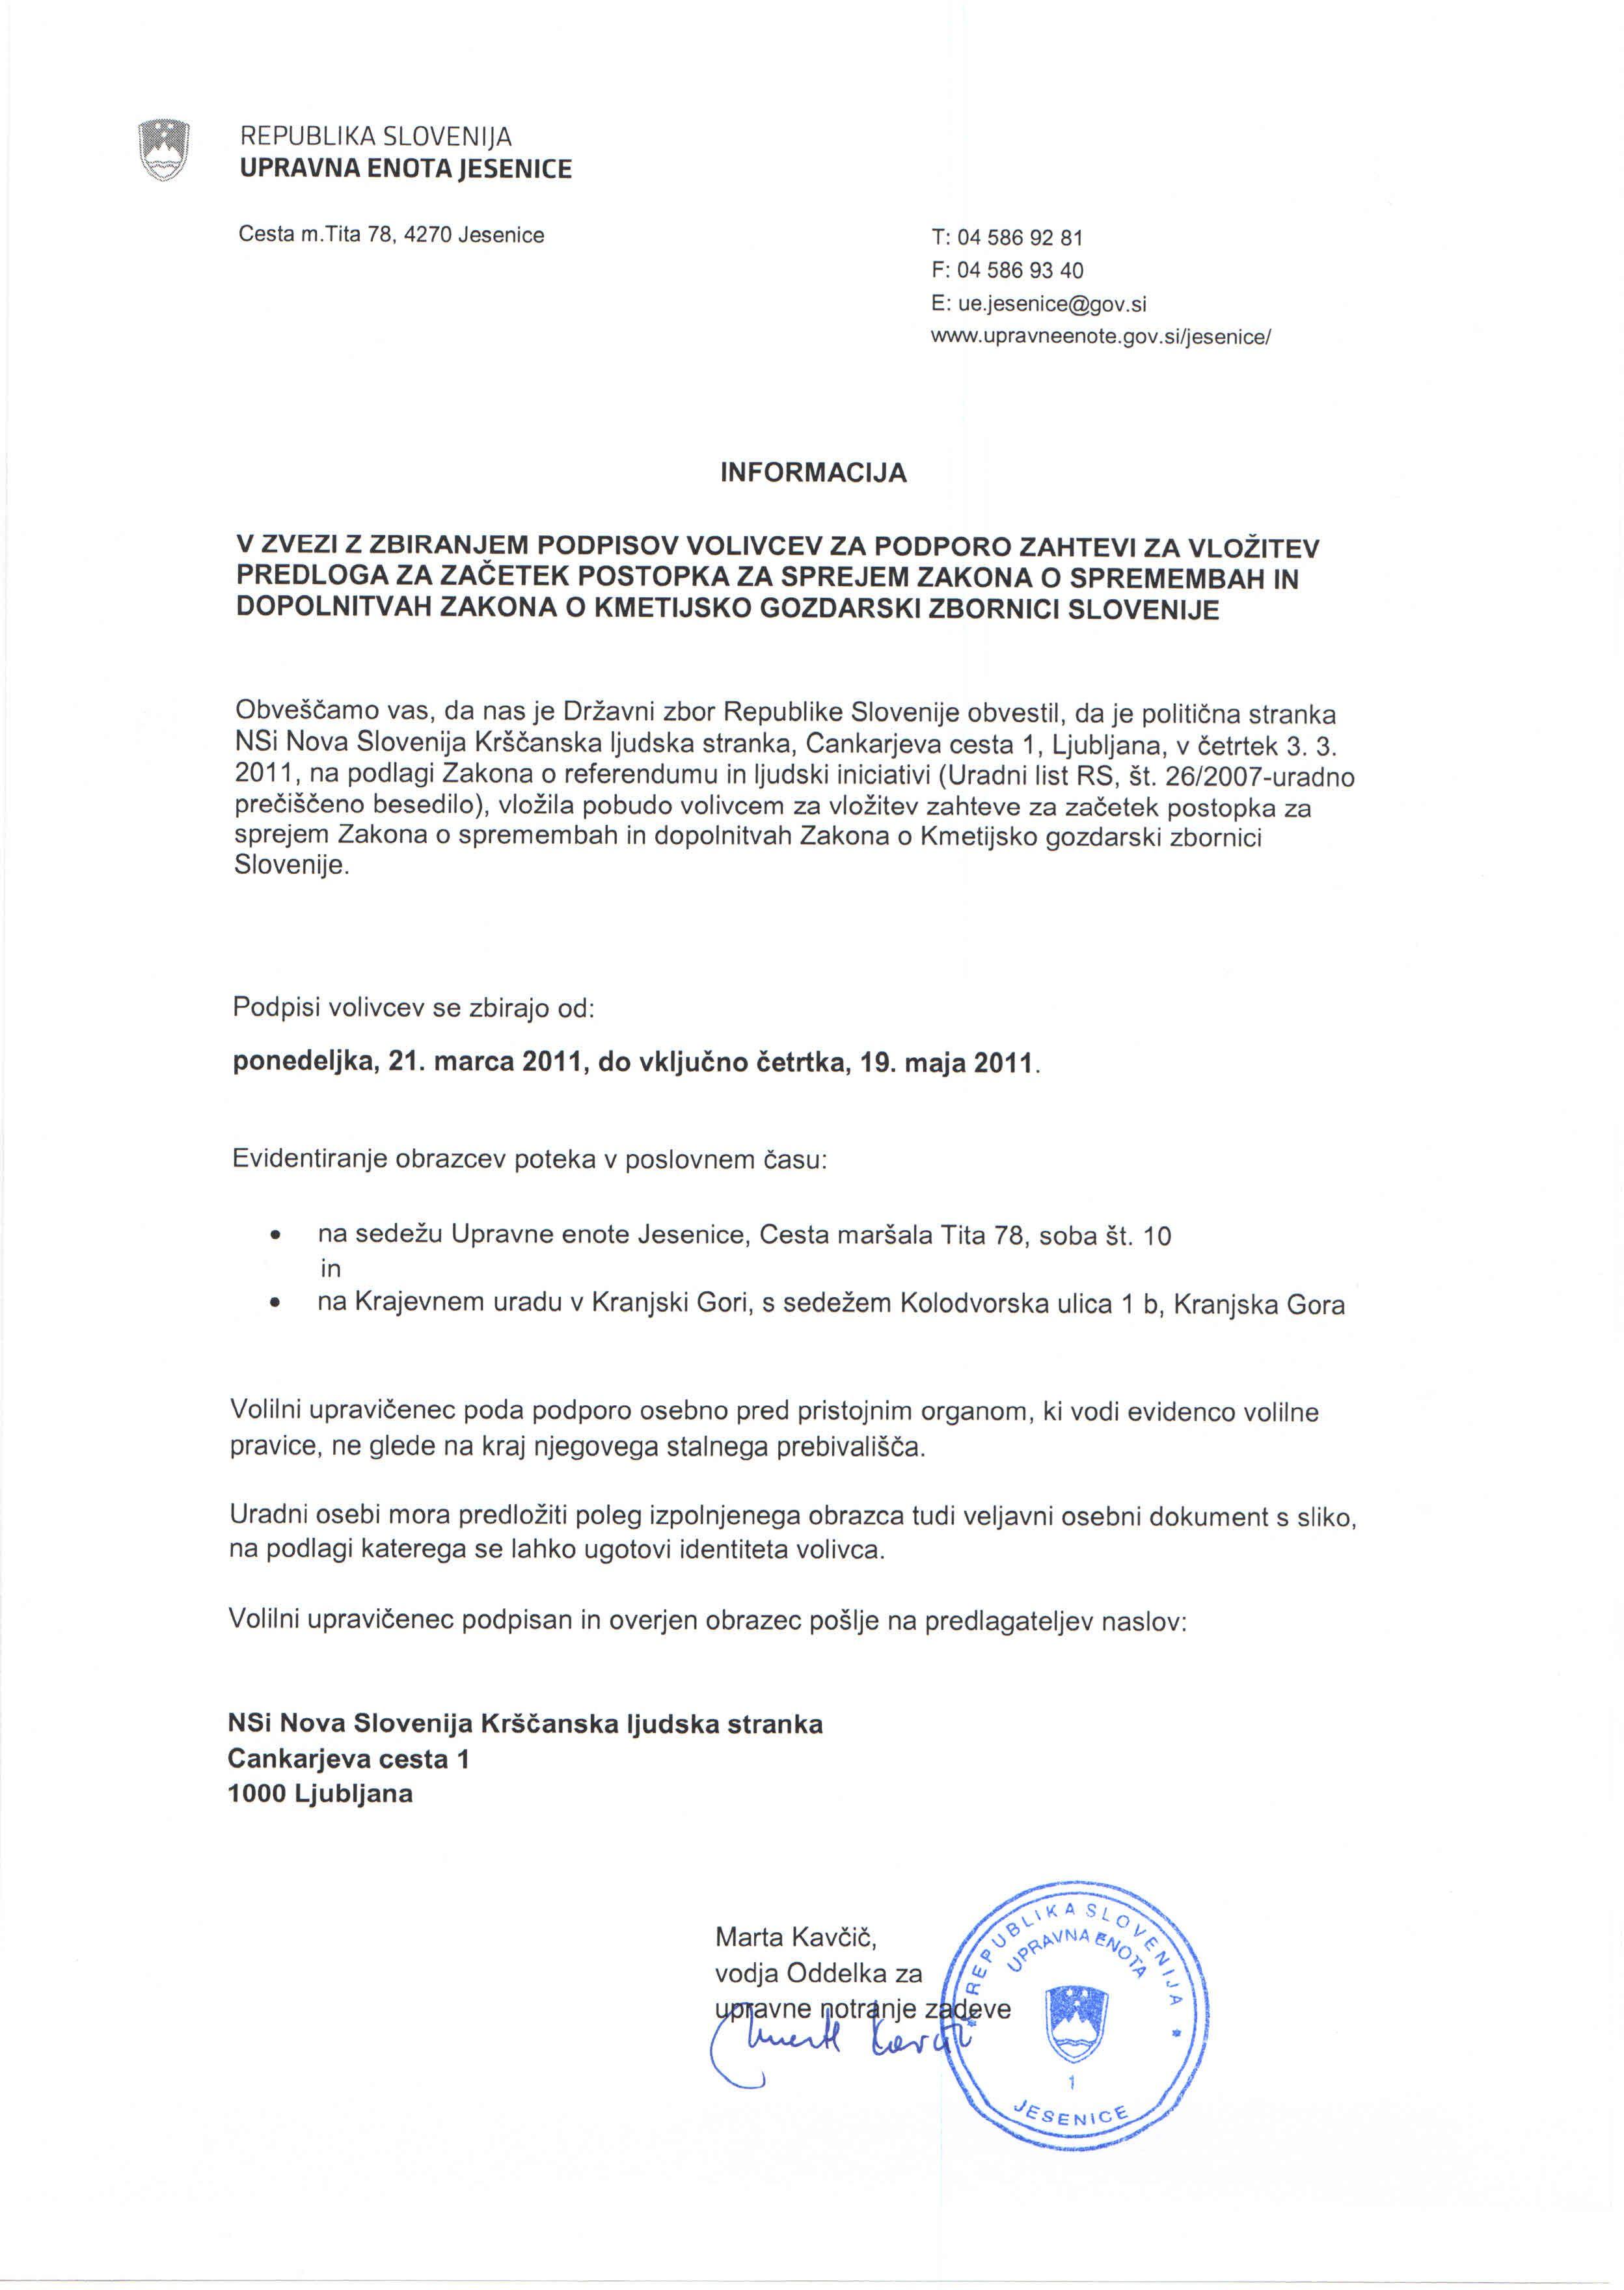 informacija v zvezi z zbiranjem podpisov volivcev za podporo zahtevi za vloitev predloga - Zakon o spremmebah in dopolntvah Zakona o kmetijsko gozdrski zbrnici Slovenije